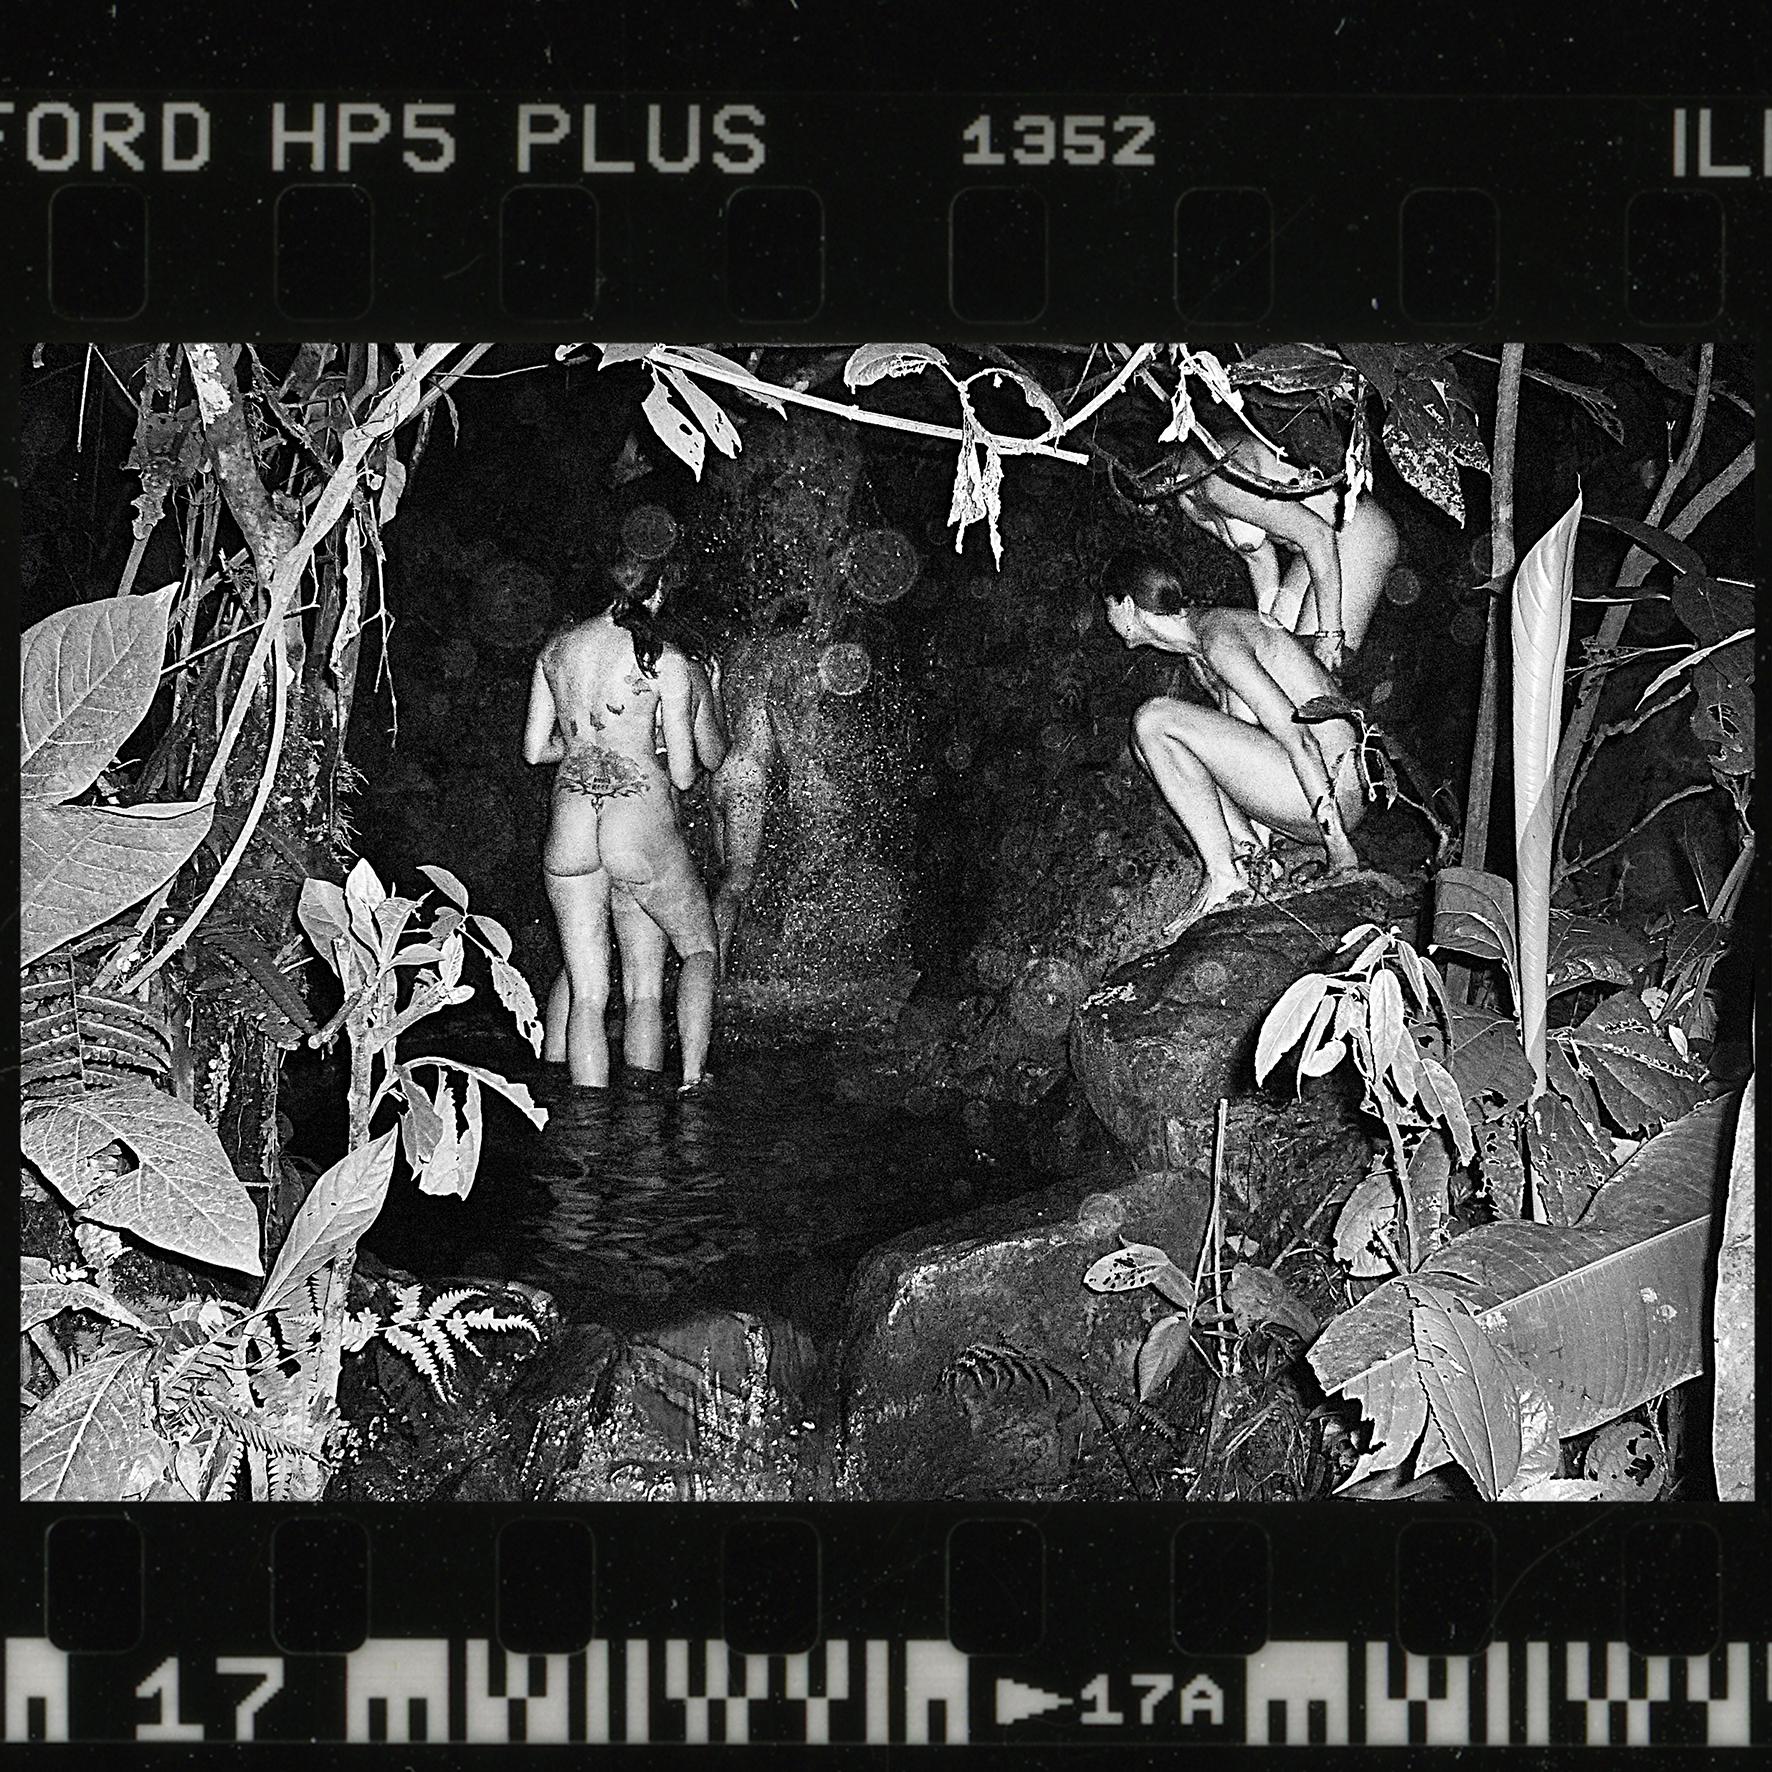 17_Waterfall_b+w.jpg